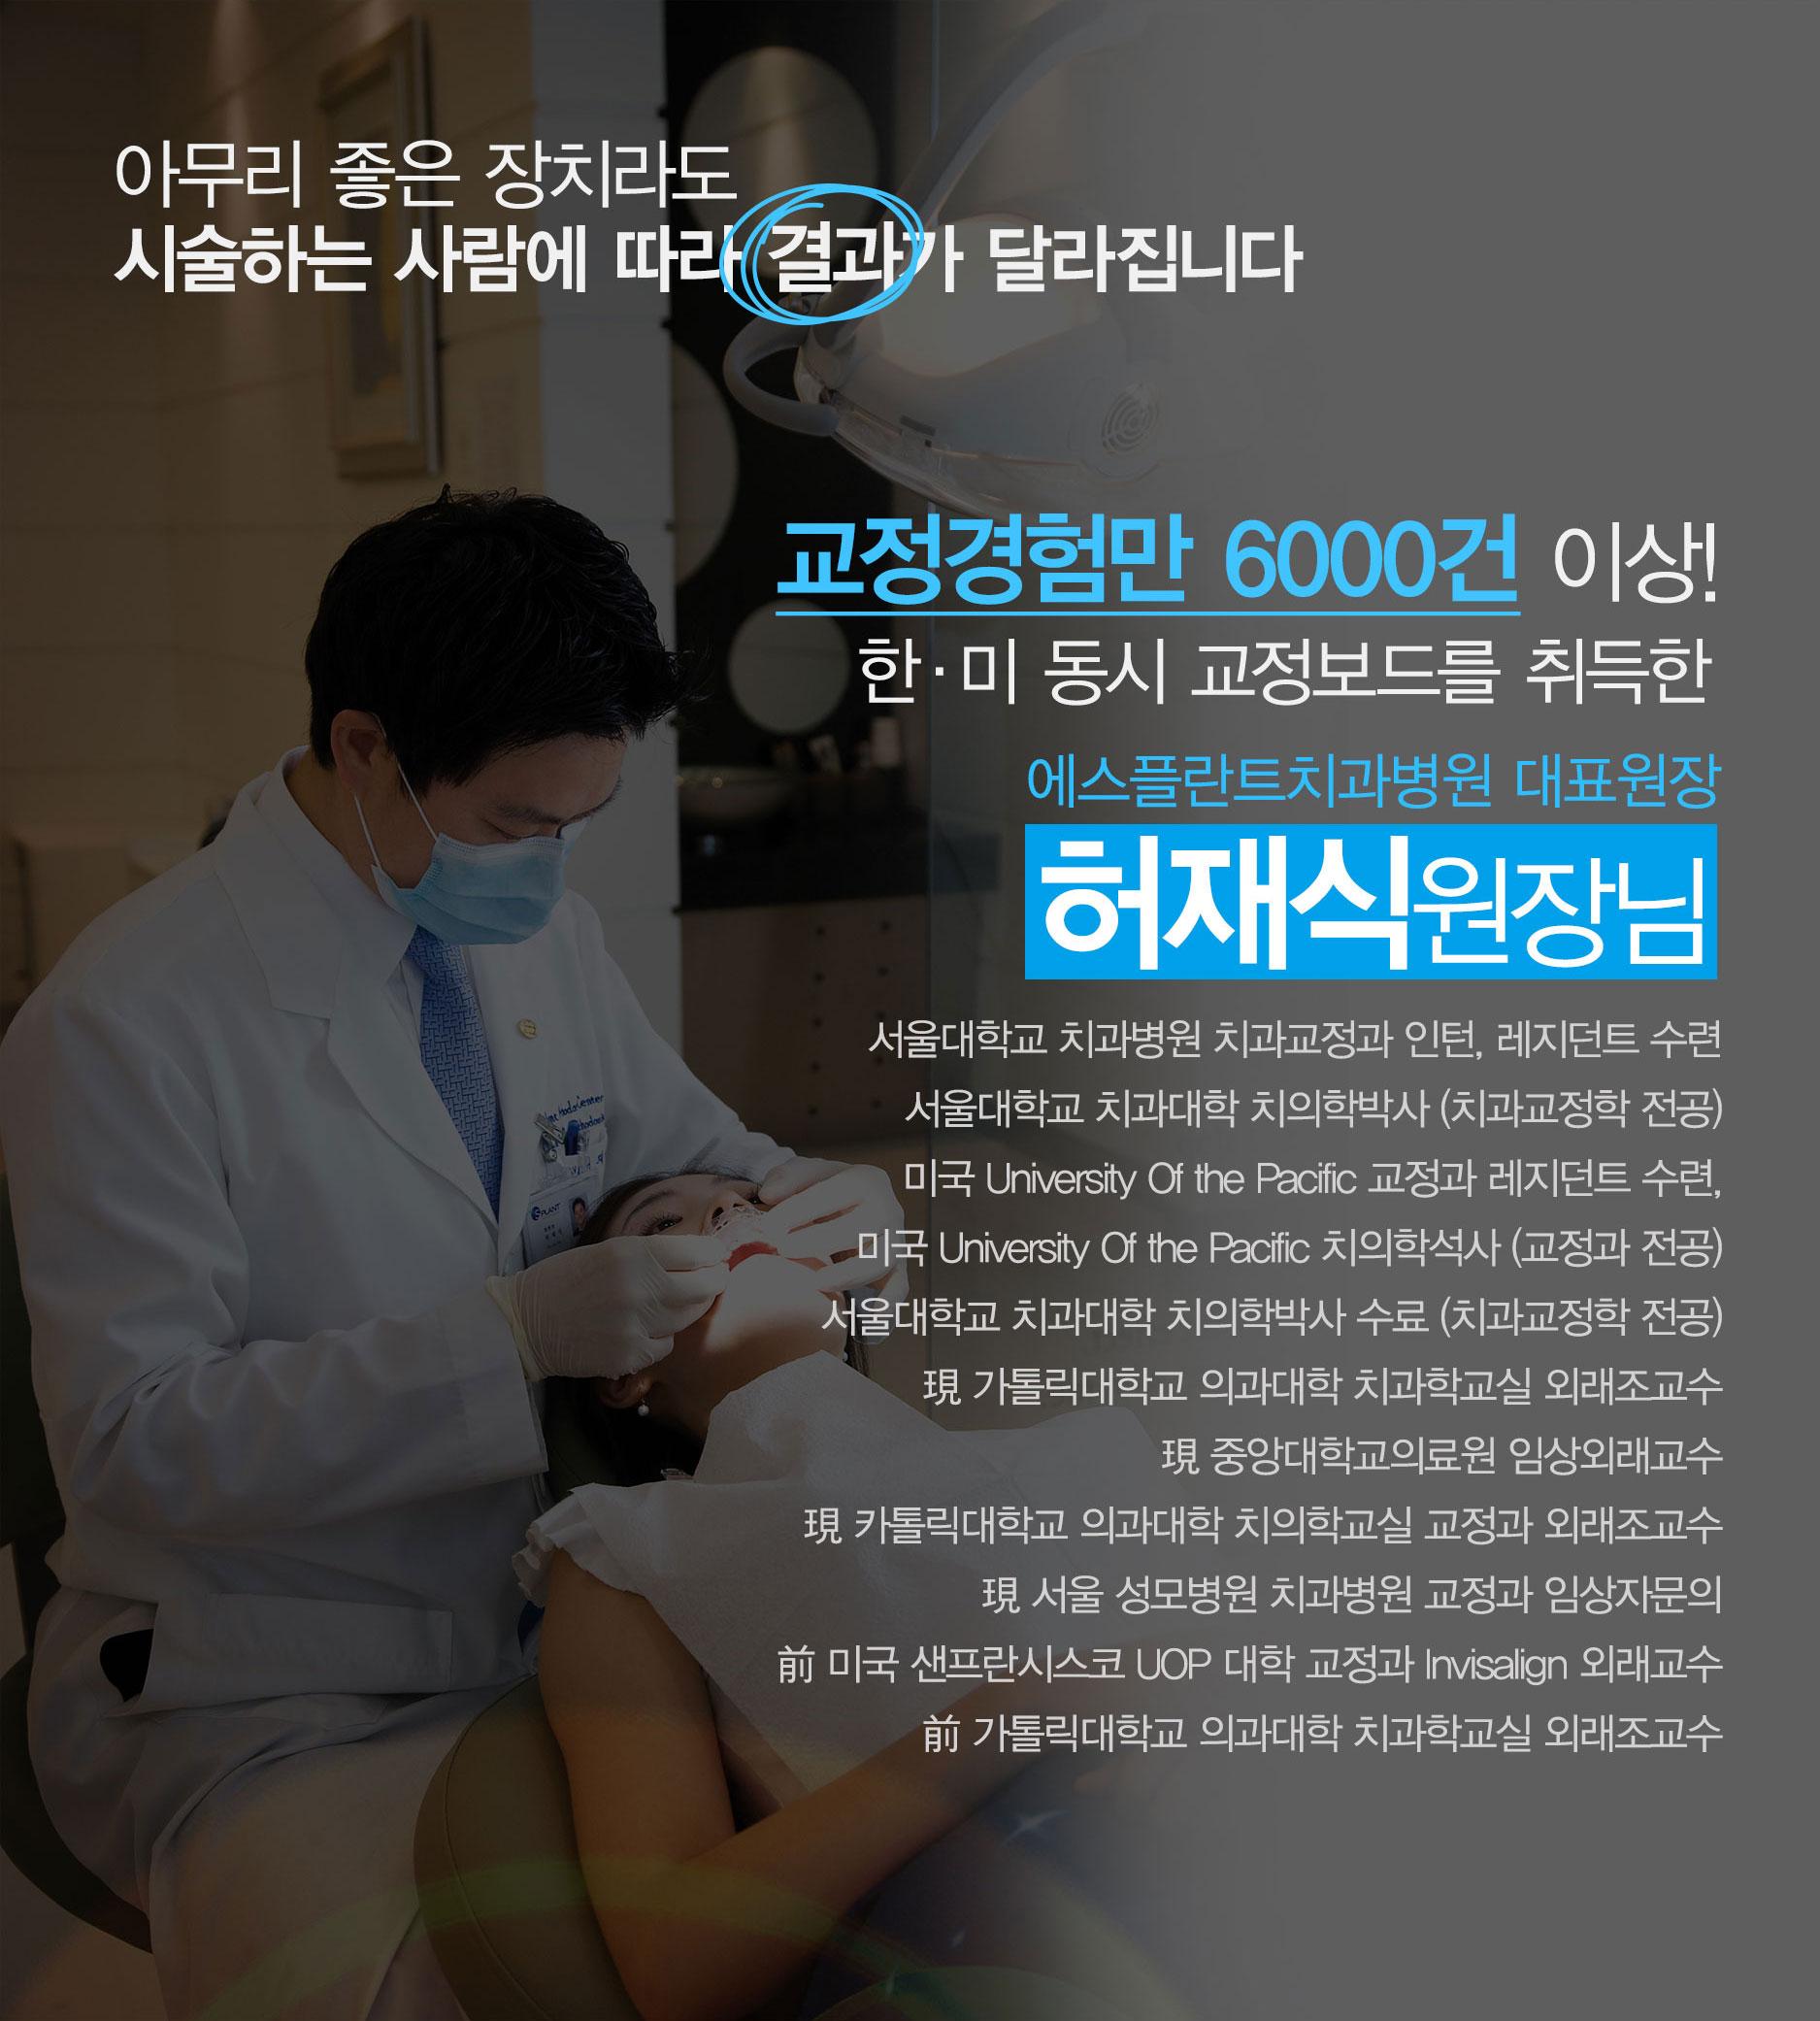 2017여름방학이벤트_클린세라믹_05_1